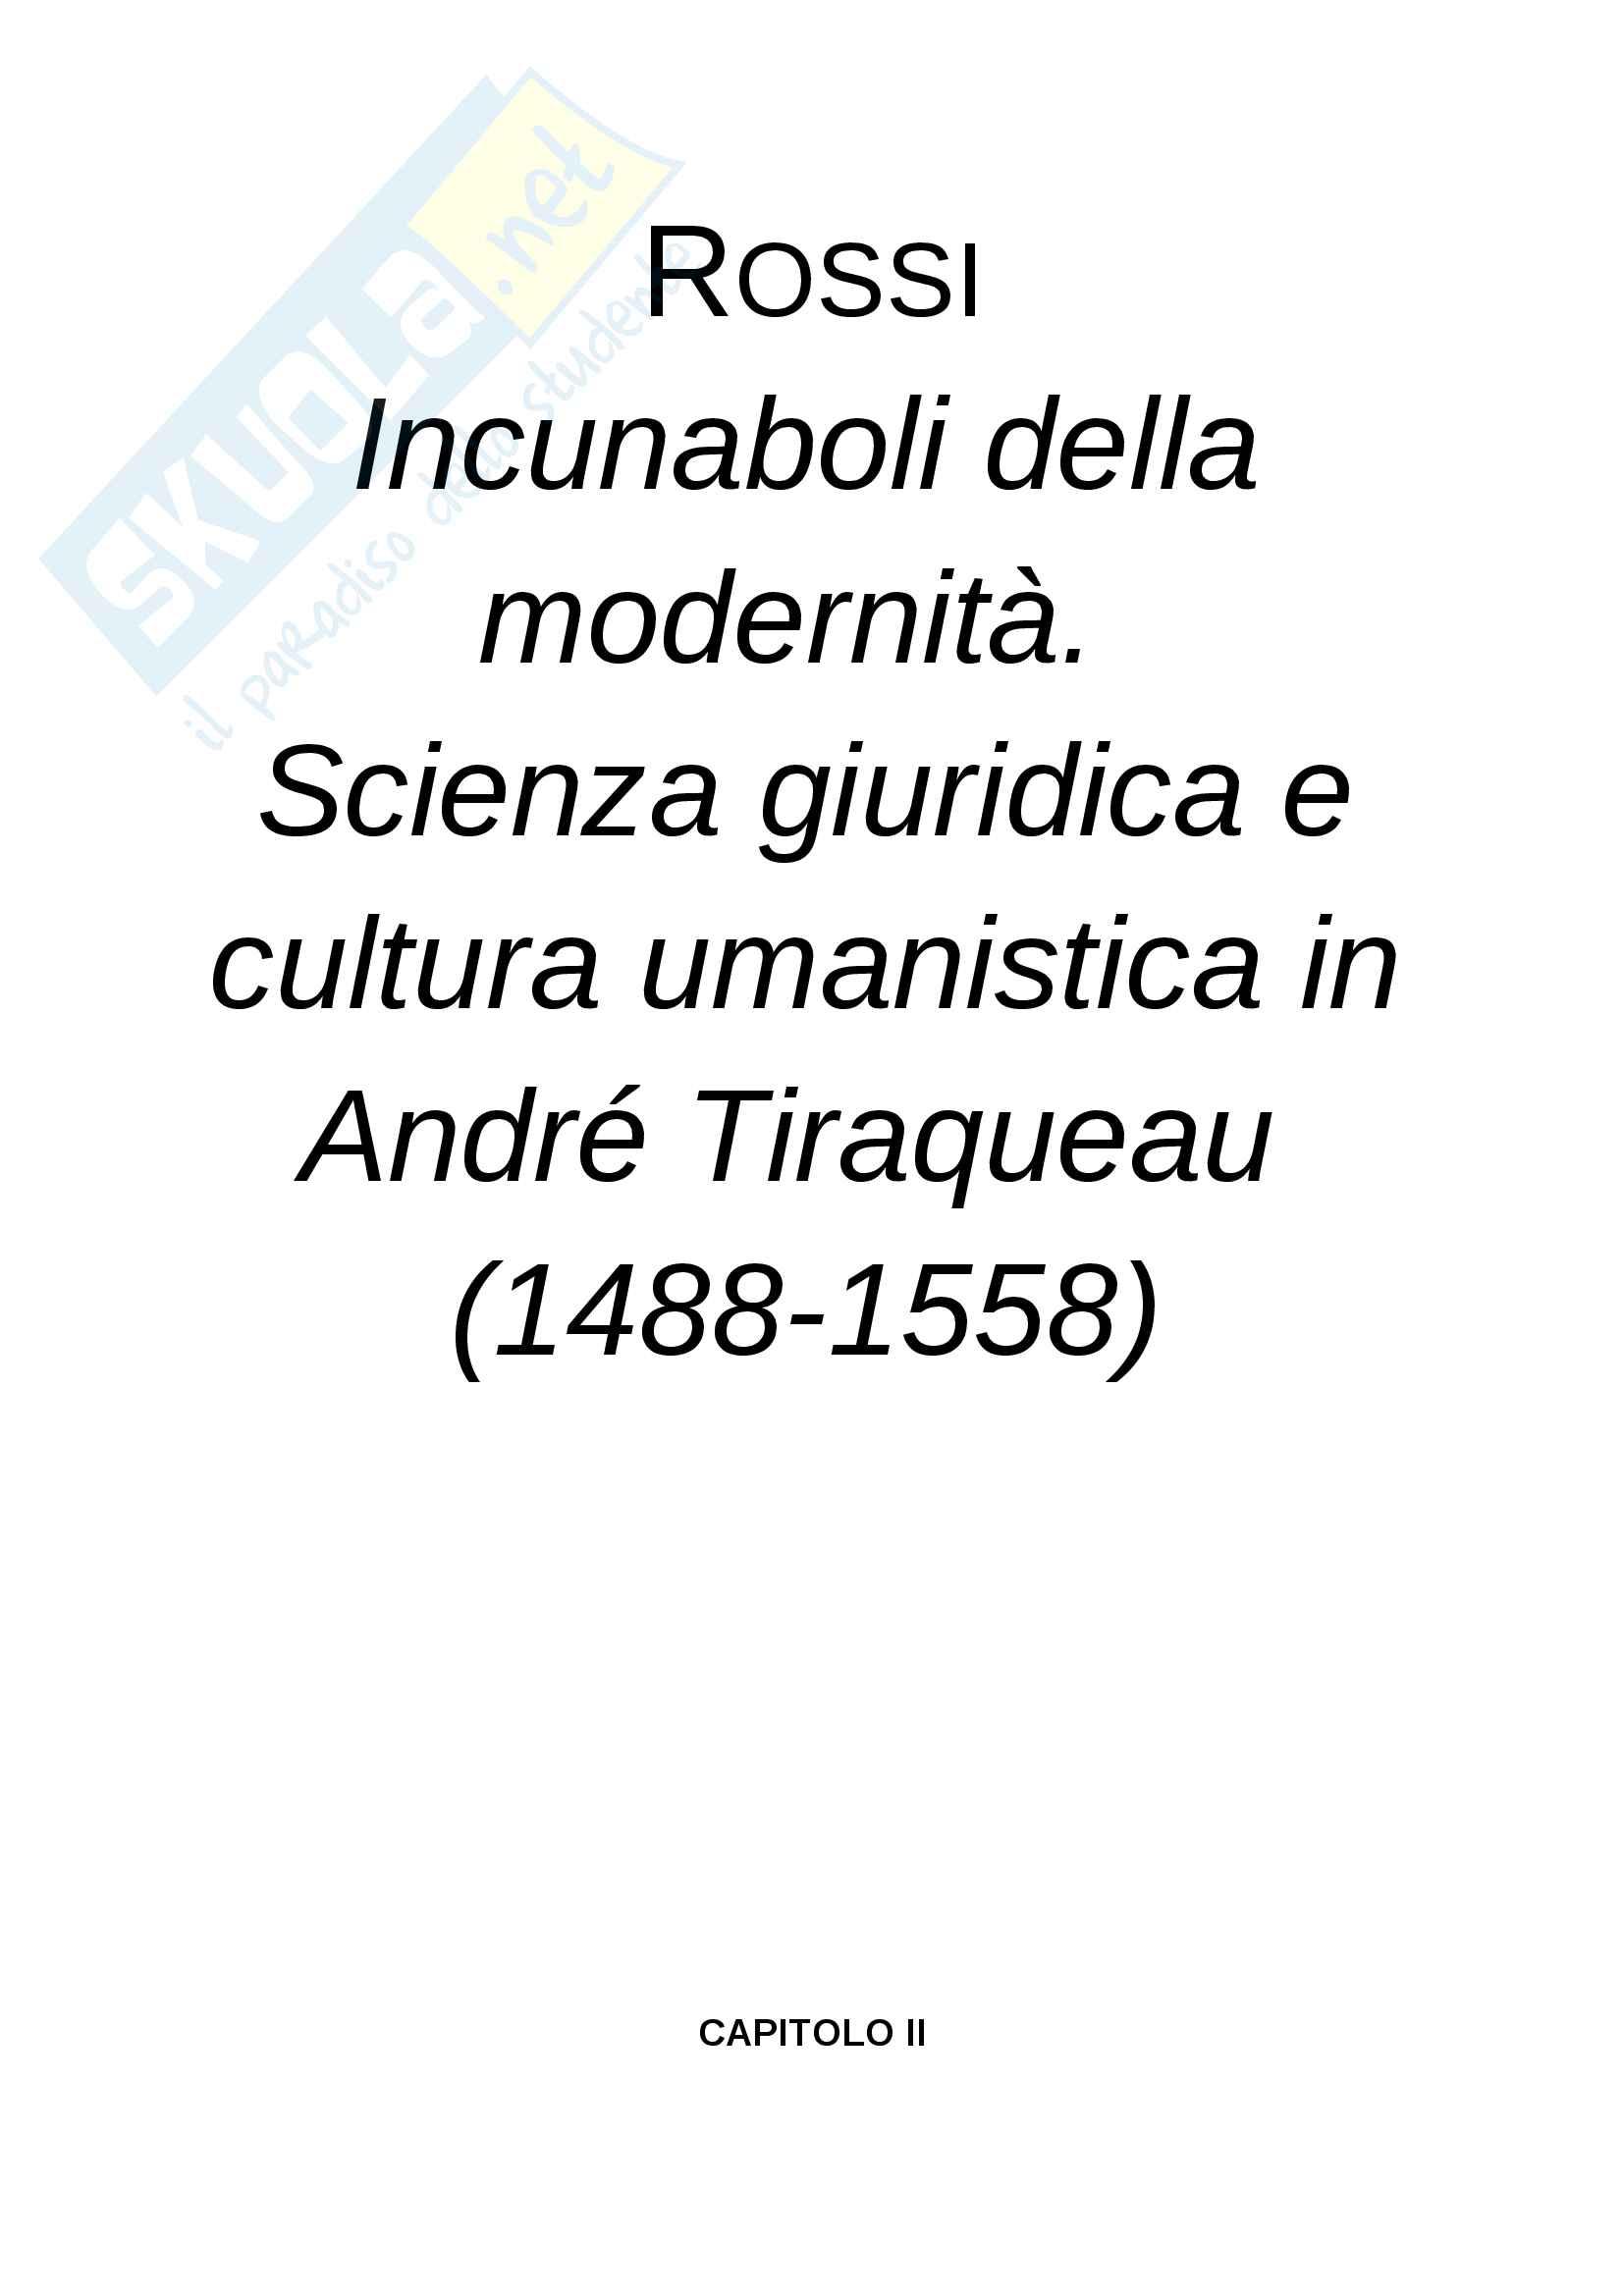 Riassunto esame Storia del Diritto Medievale, prof. Rossi, libro consigliato Icunamboli della modernità.